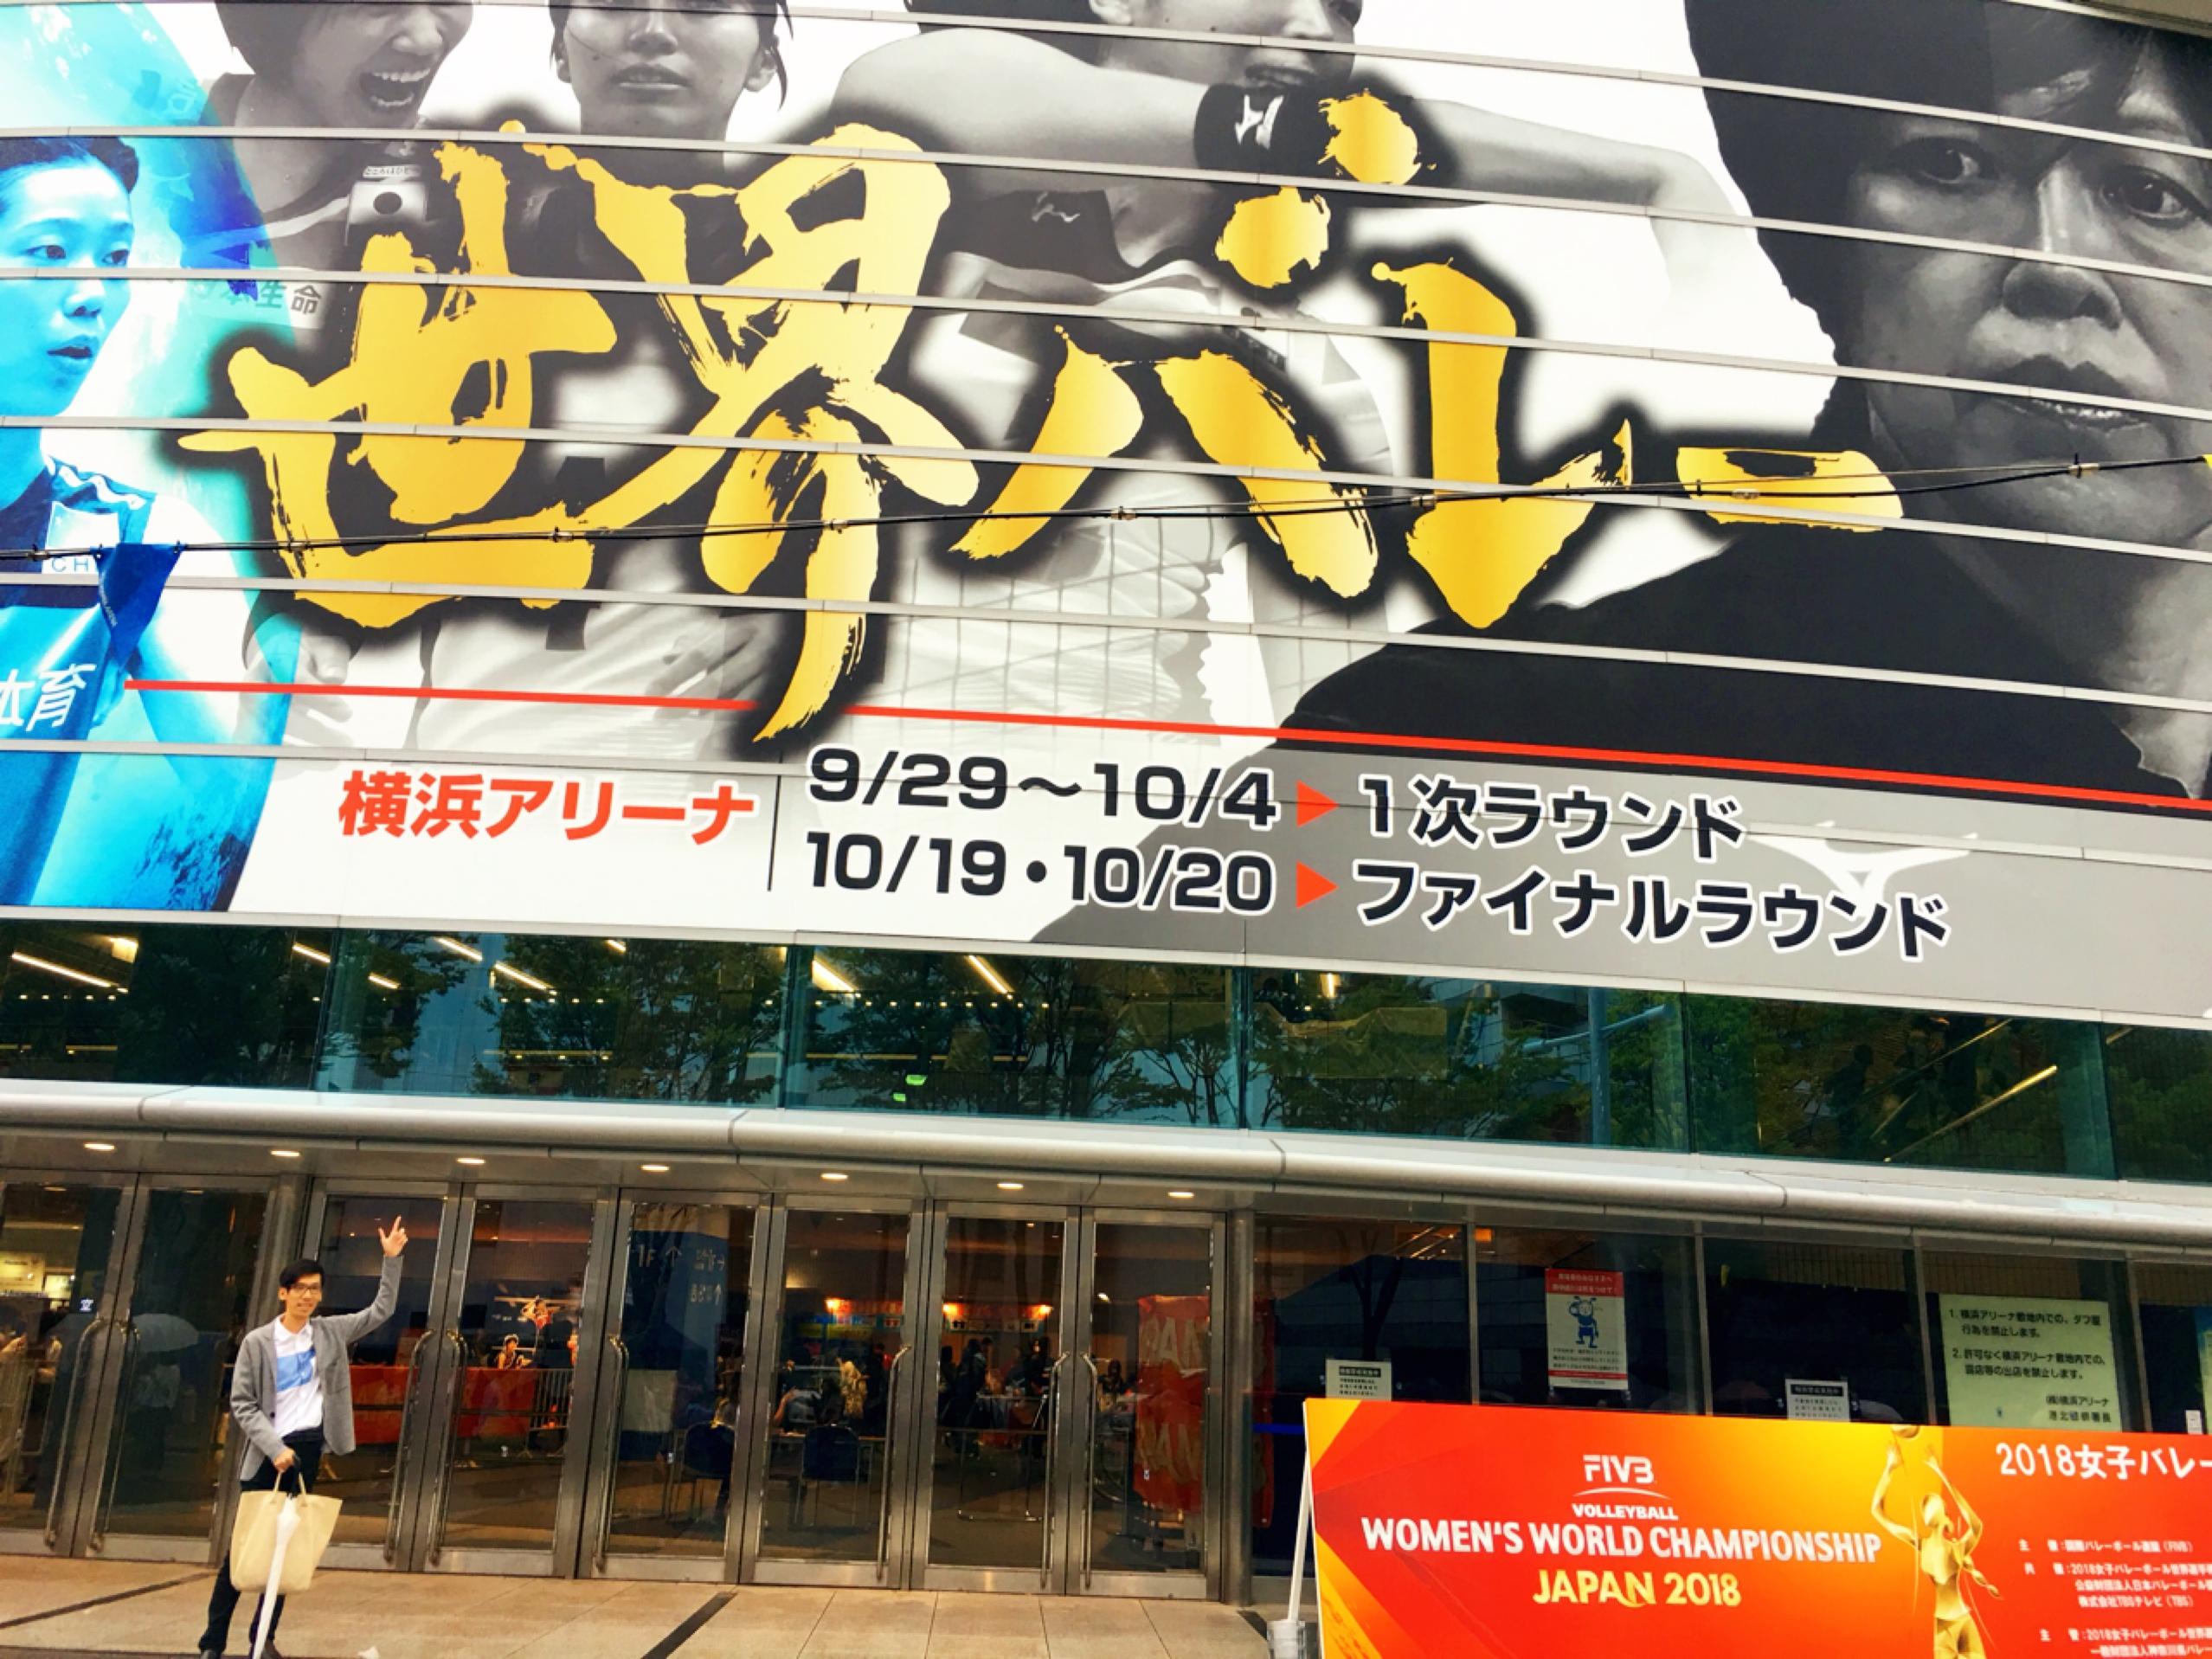 世界バレー会場(横浜アリーナ)